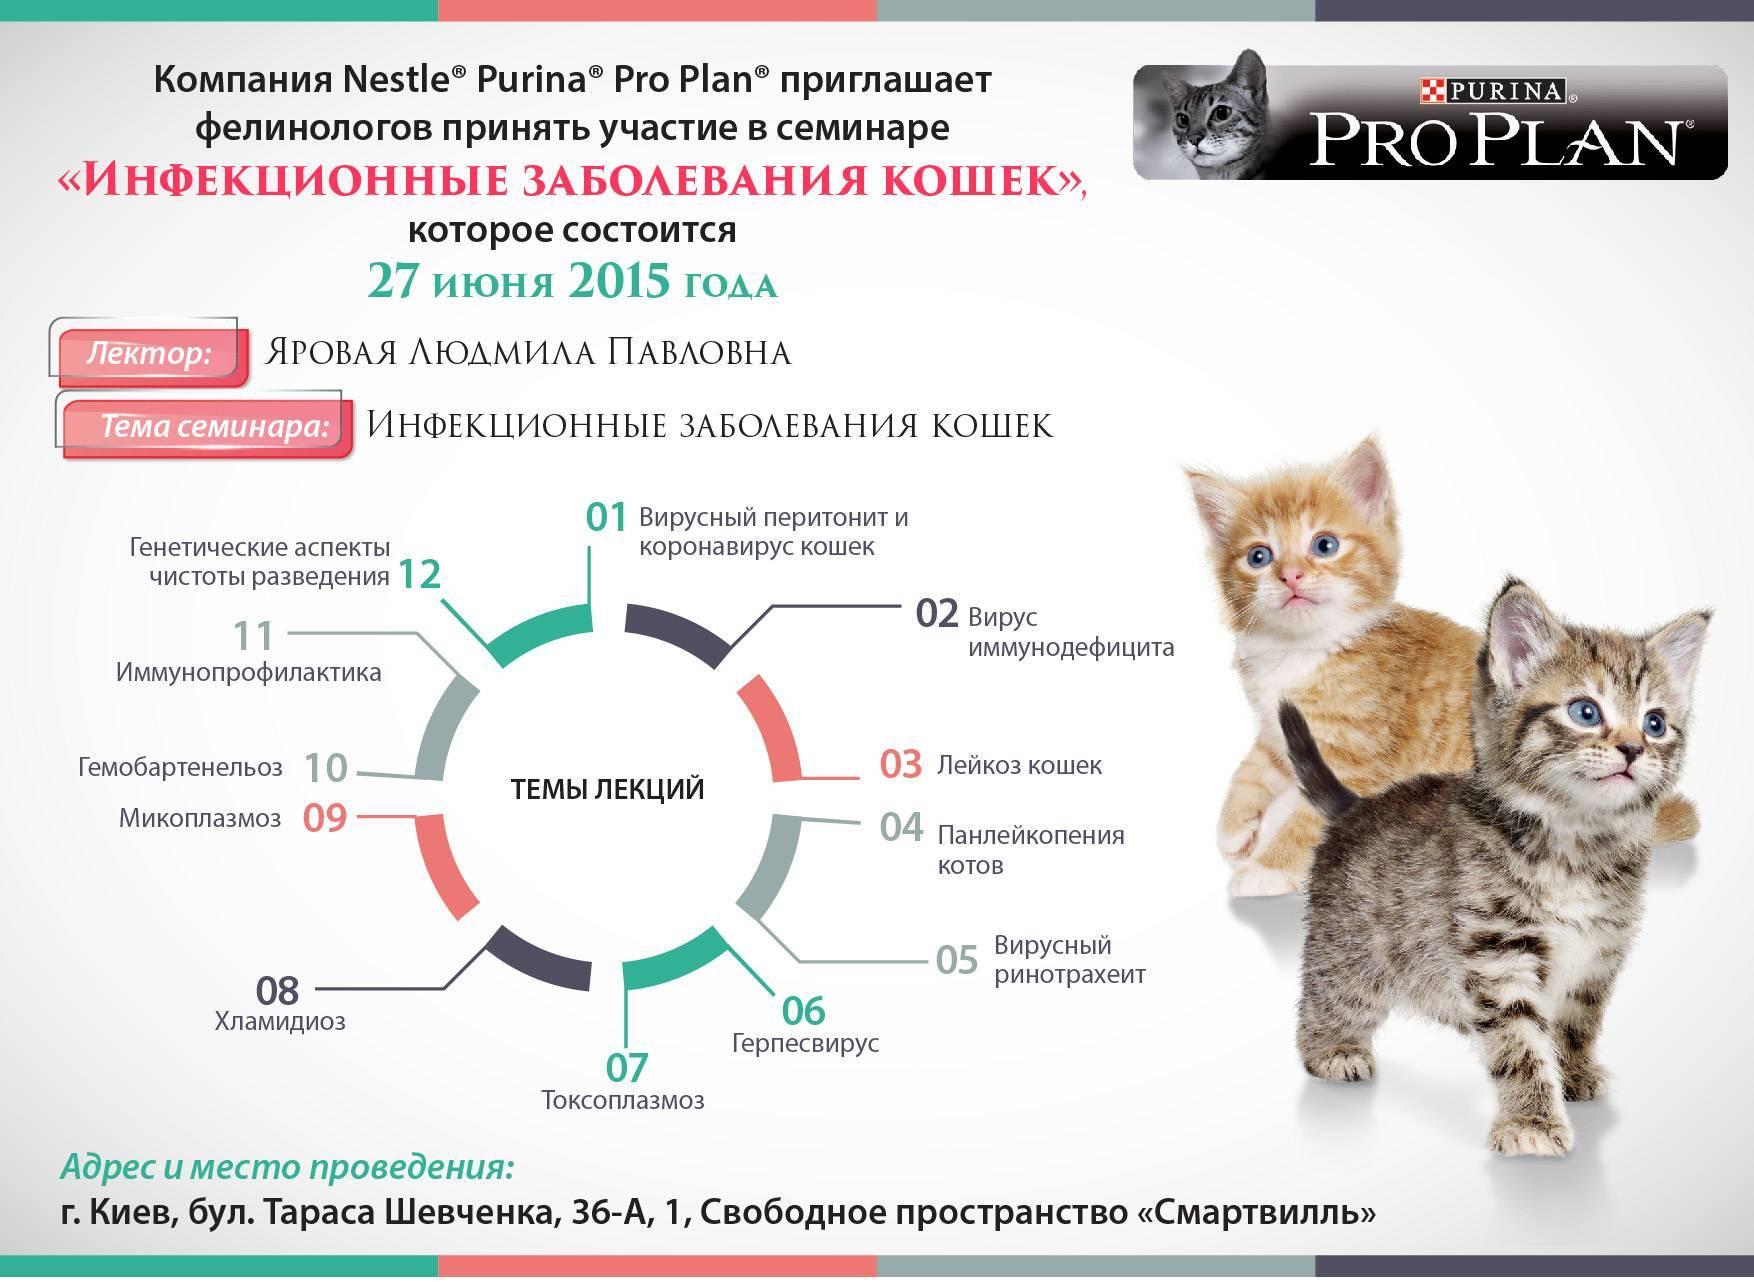 Вирусный иммунодефицит кошек. симптомы, лечение в россии